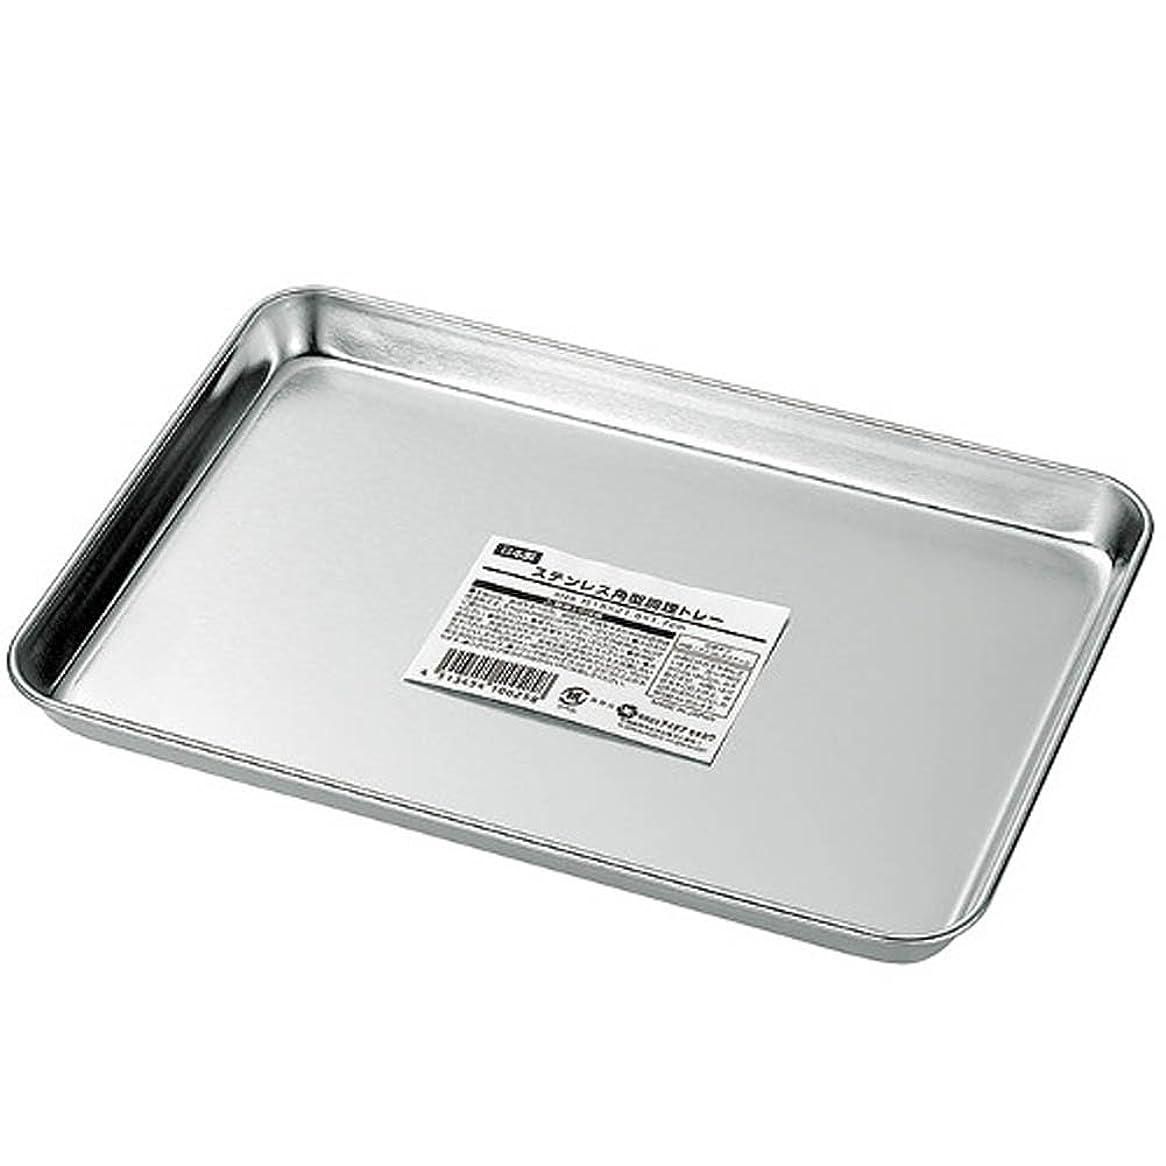 スキャンドライバ驚くべきエコー金属 ステンレス角型調理トレー 0321-099